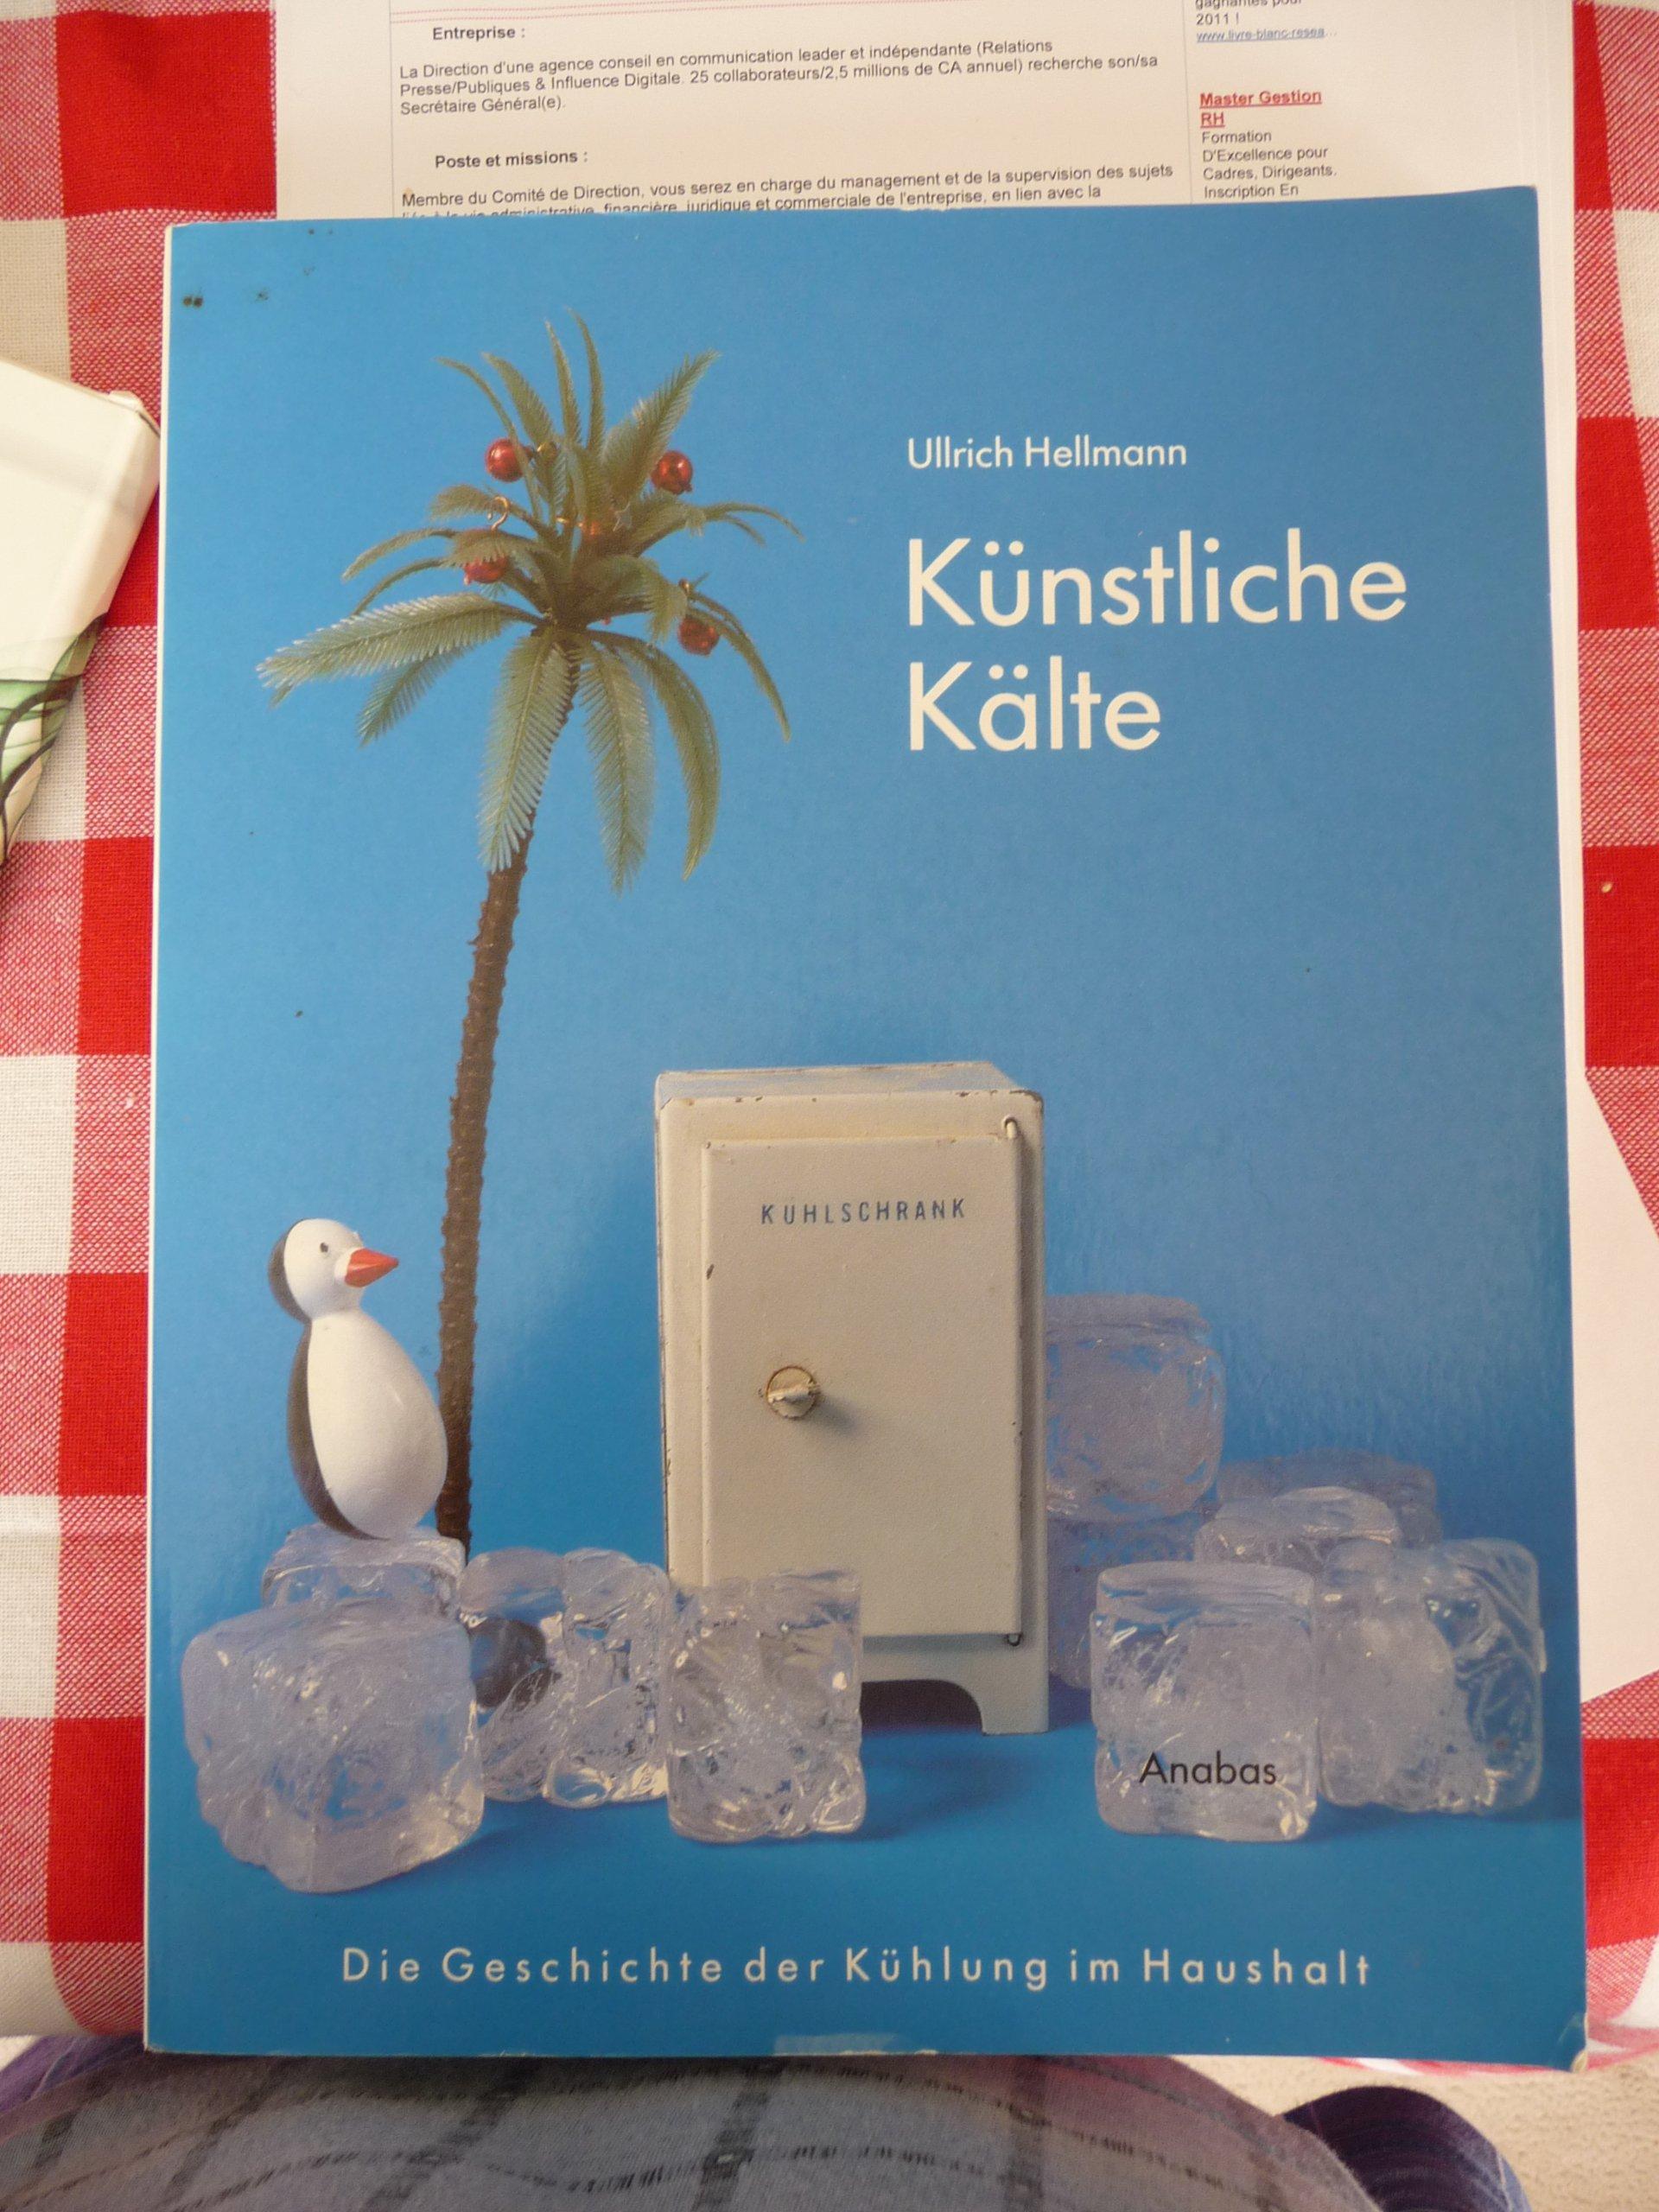 Künstliche Kälte: Die Geschichte der Kühlung im Haushalt (Werkbund-Archiv)